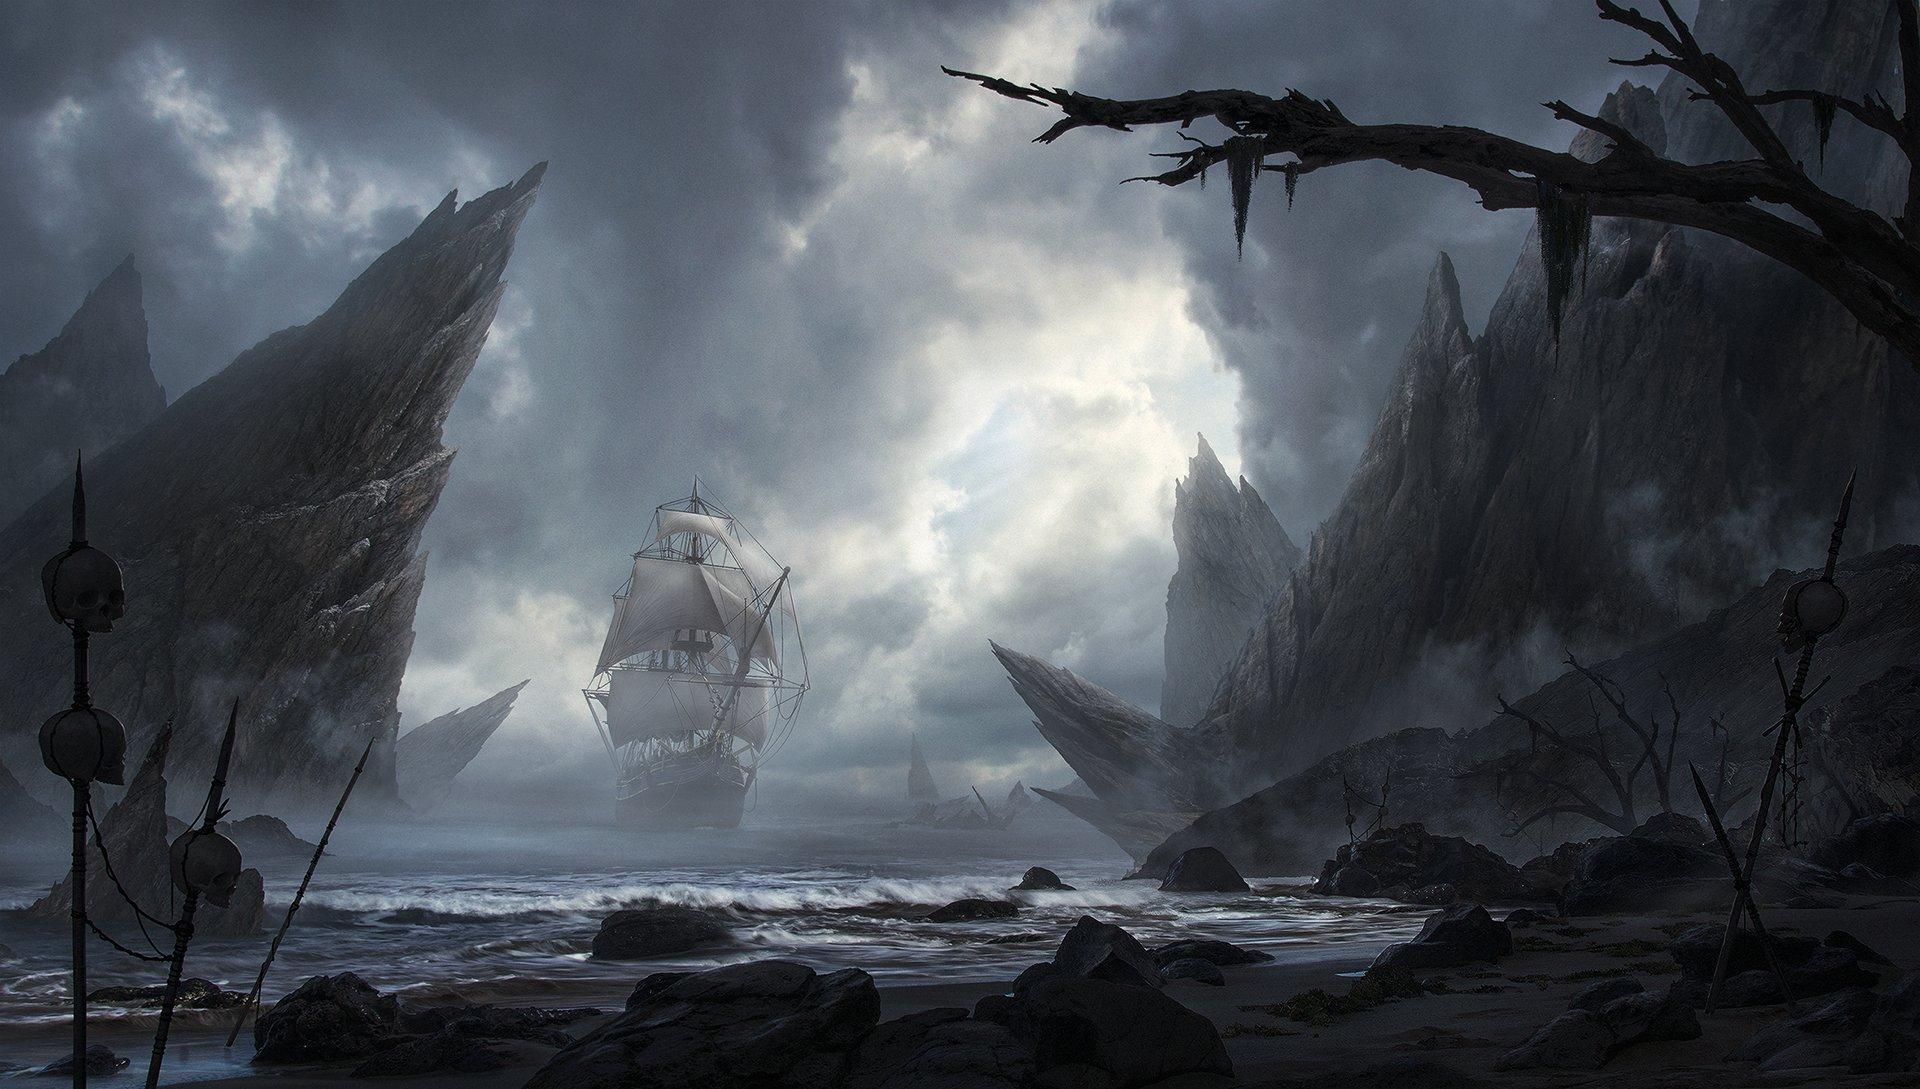 skull_island_by_snikola_dafqcso.jpg